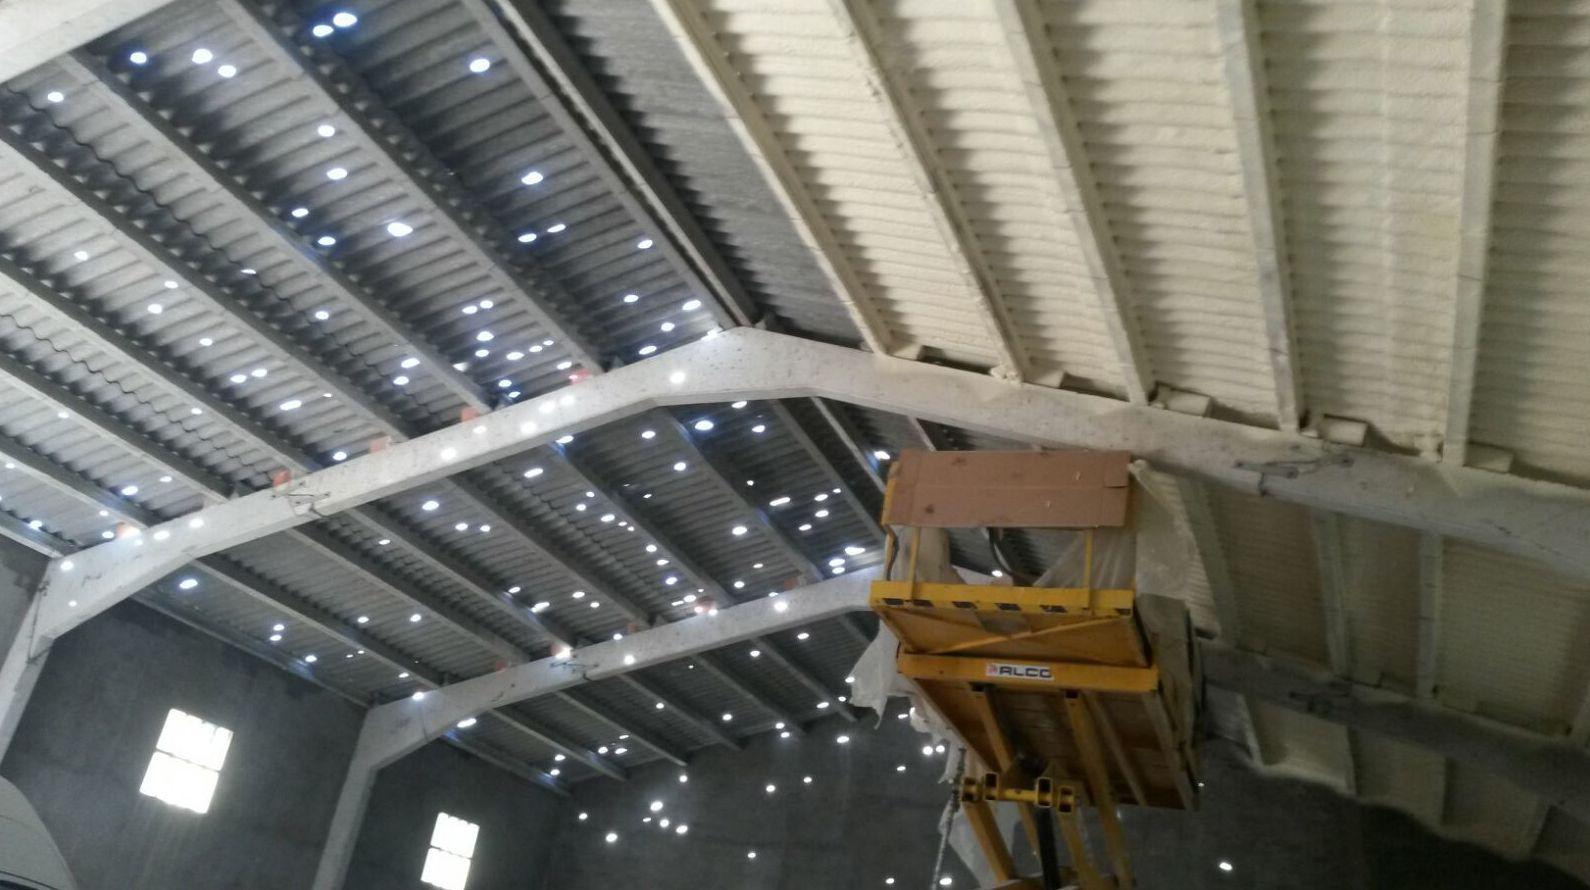 Aislamiento y protección de techo de nave deteriorada por granizo.